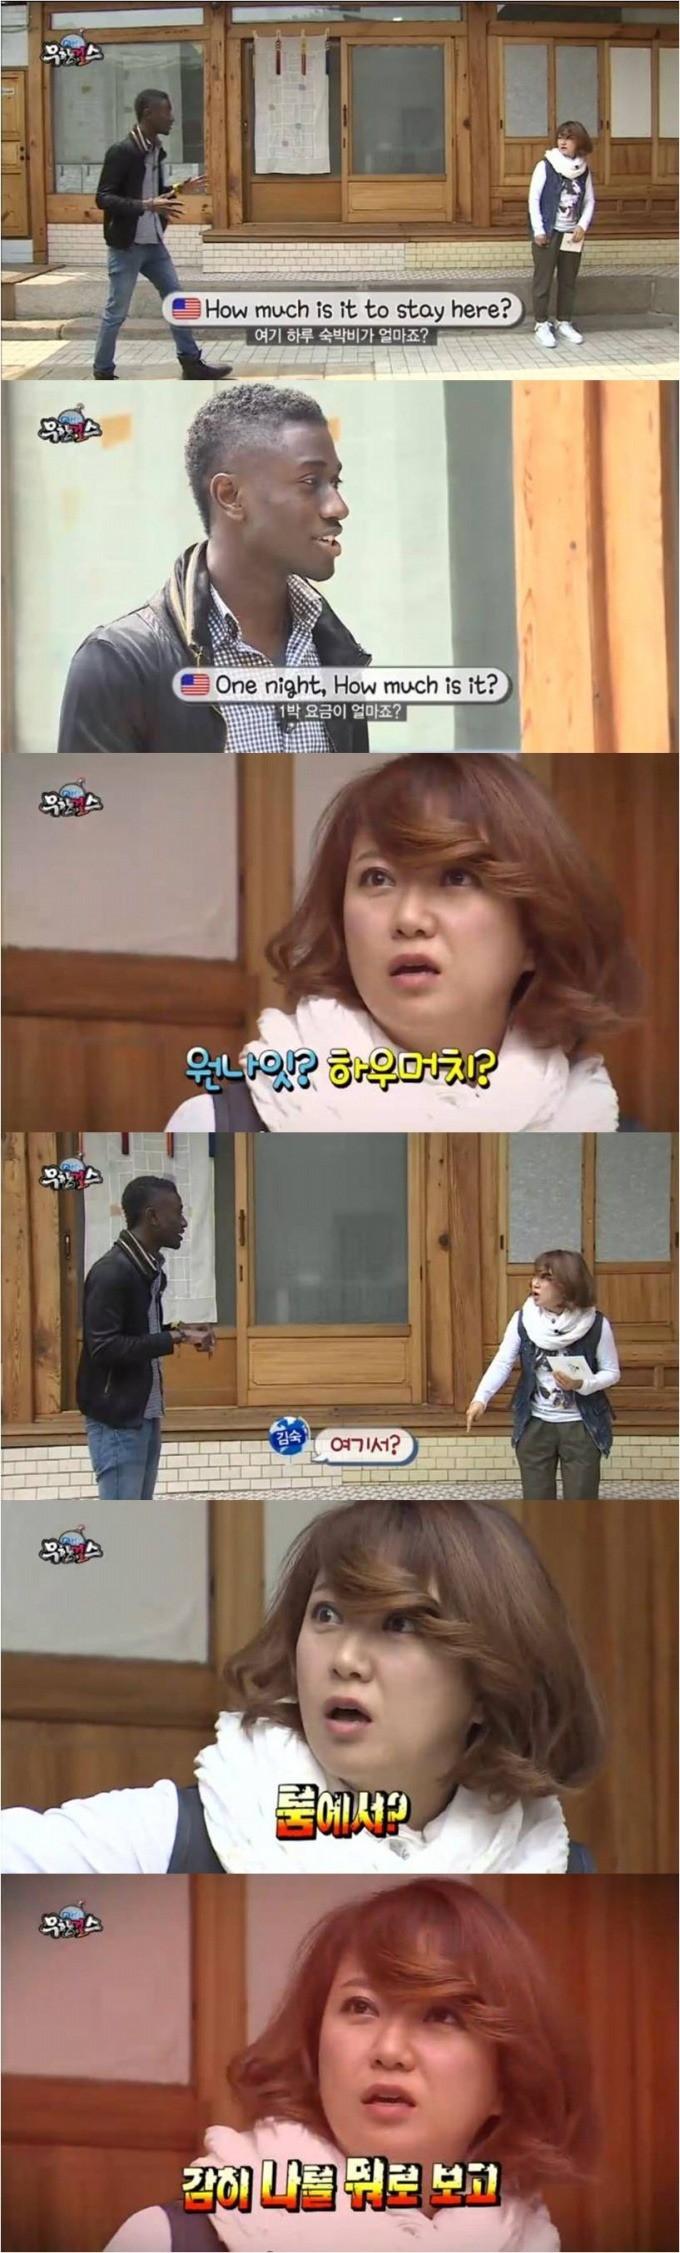 김숙 레전드